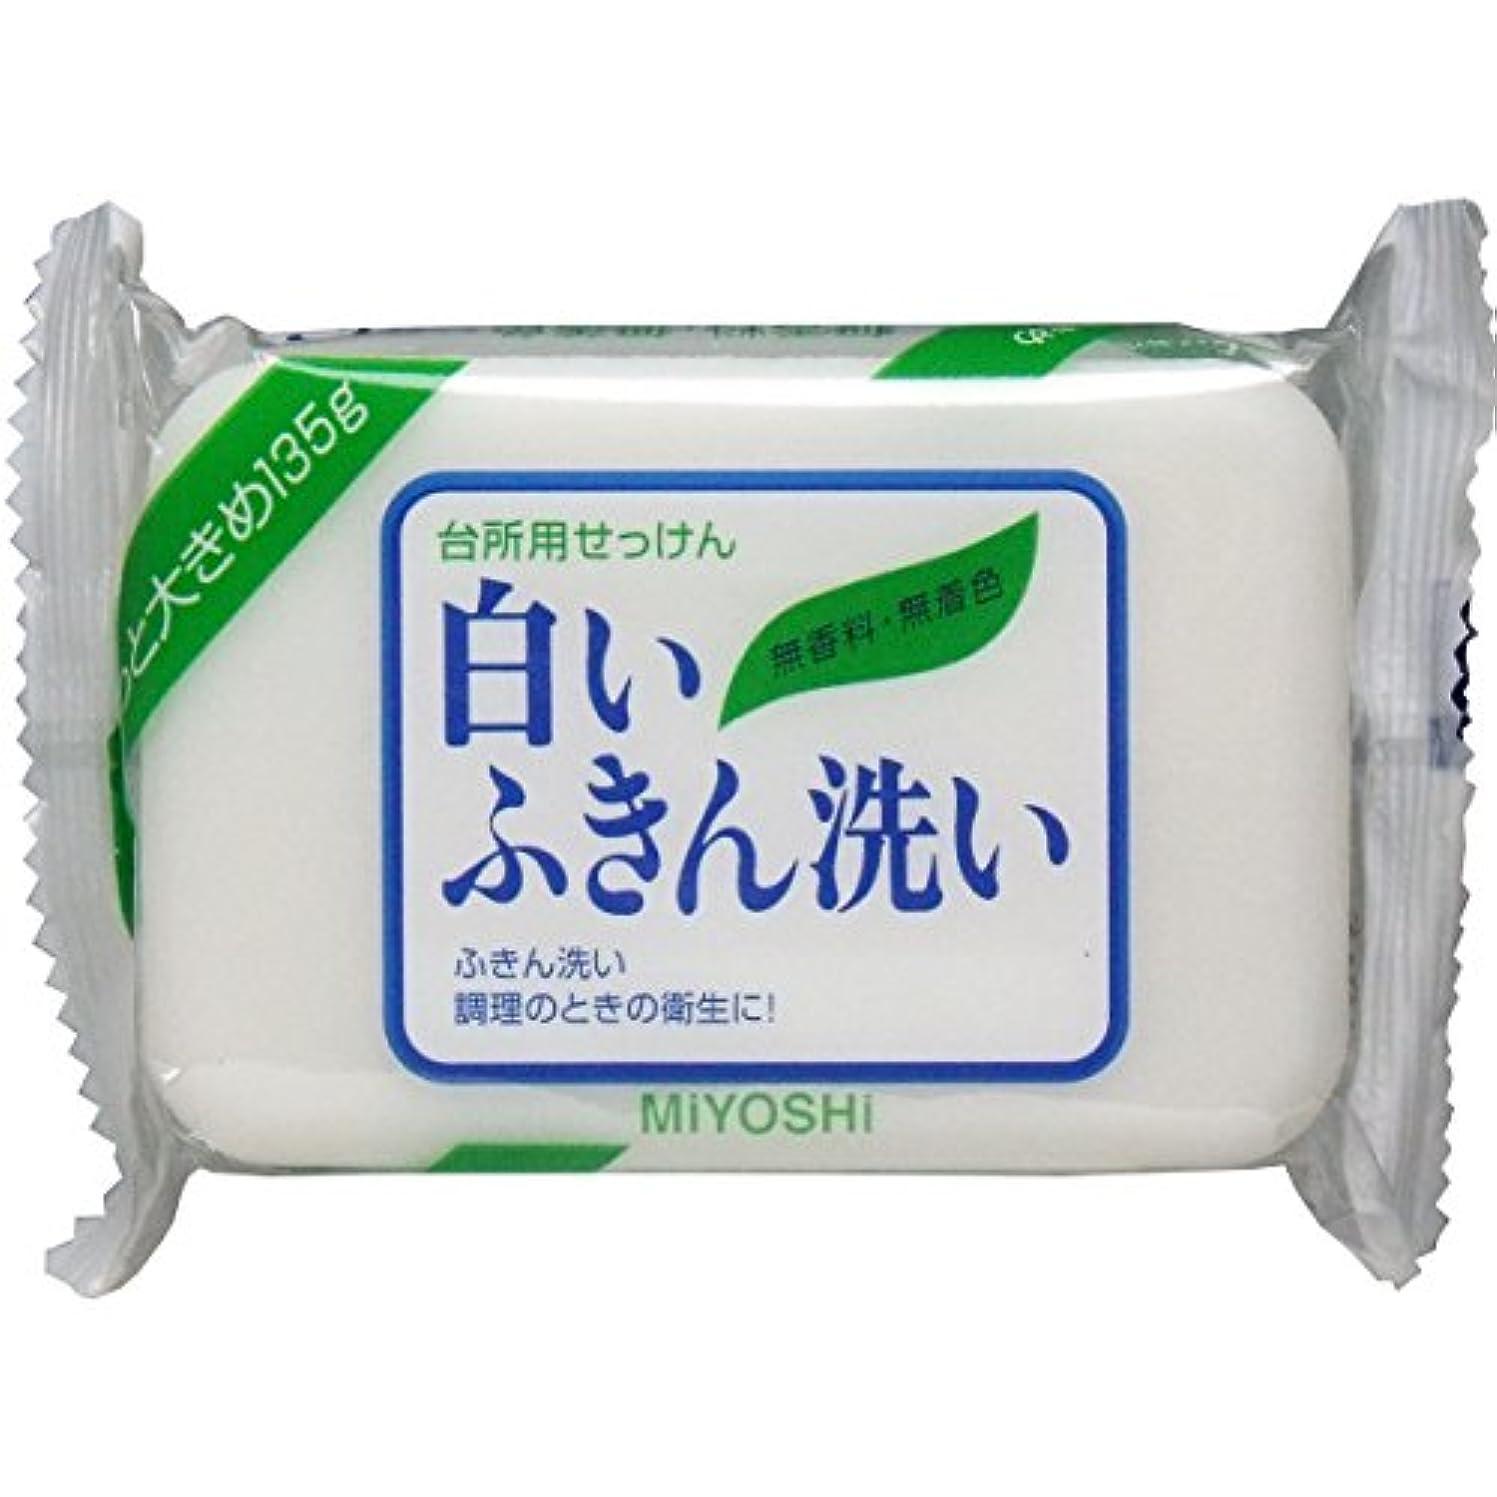 究極の適度なチェスミヨシ石鹸 白いふきん洗い